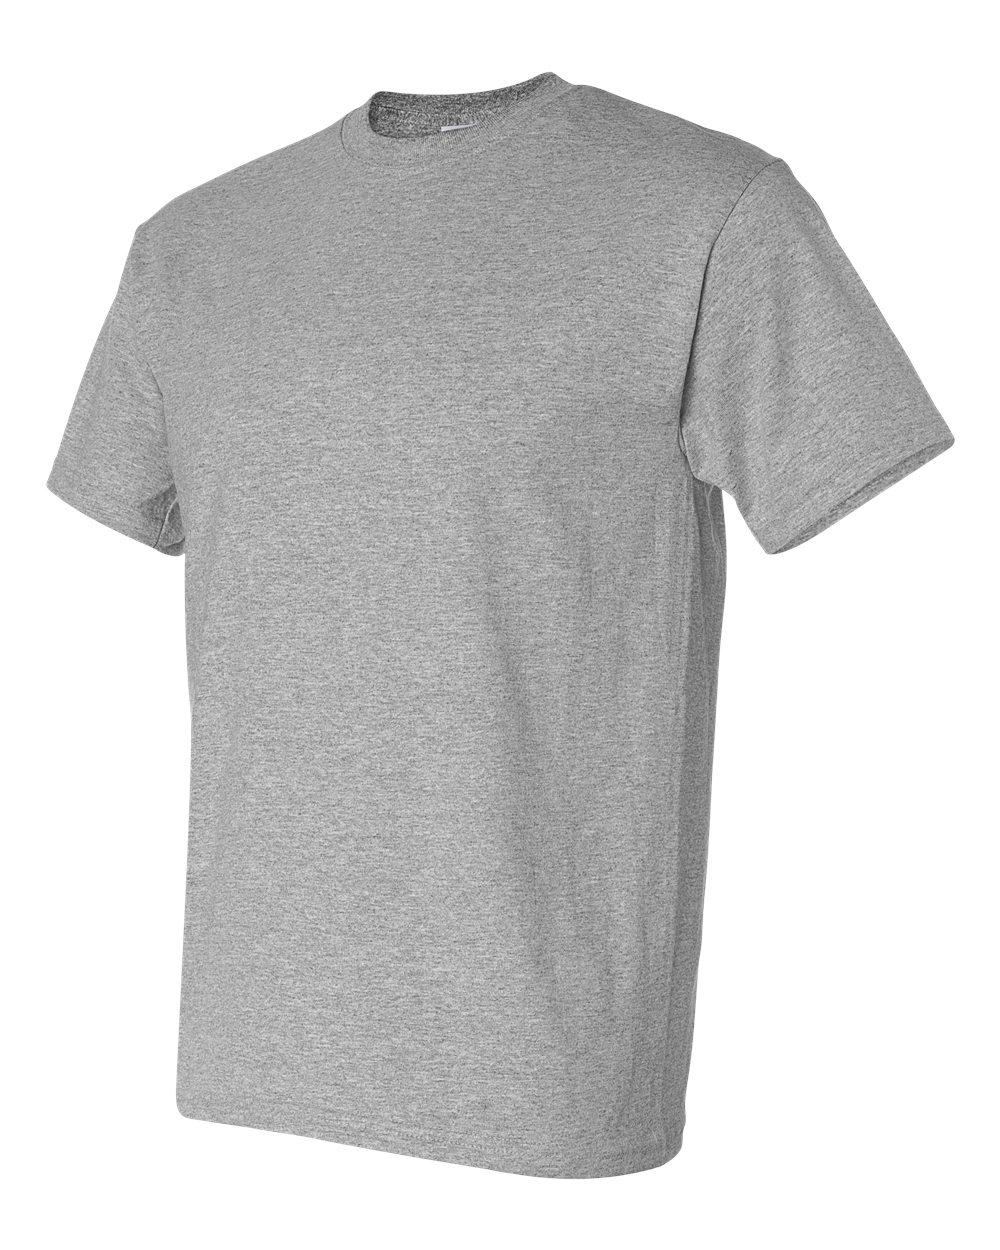 Gildan-Mens-DryBlend-5-6-oz-50-50-T-Shirt-G800-Size-S-5XL thumbnail 83